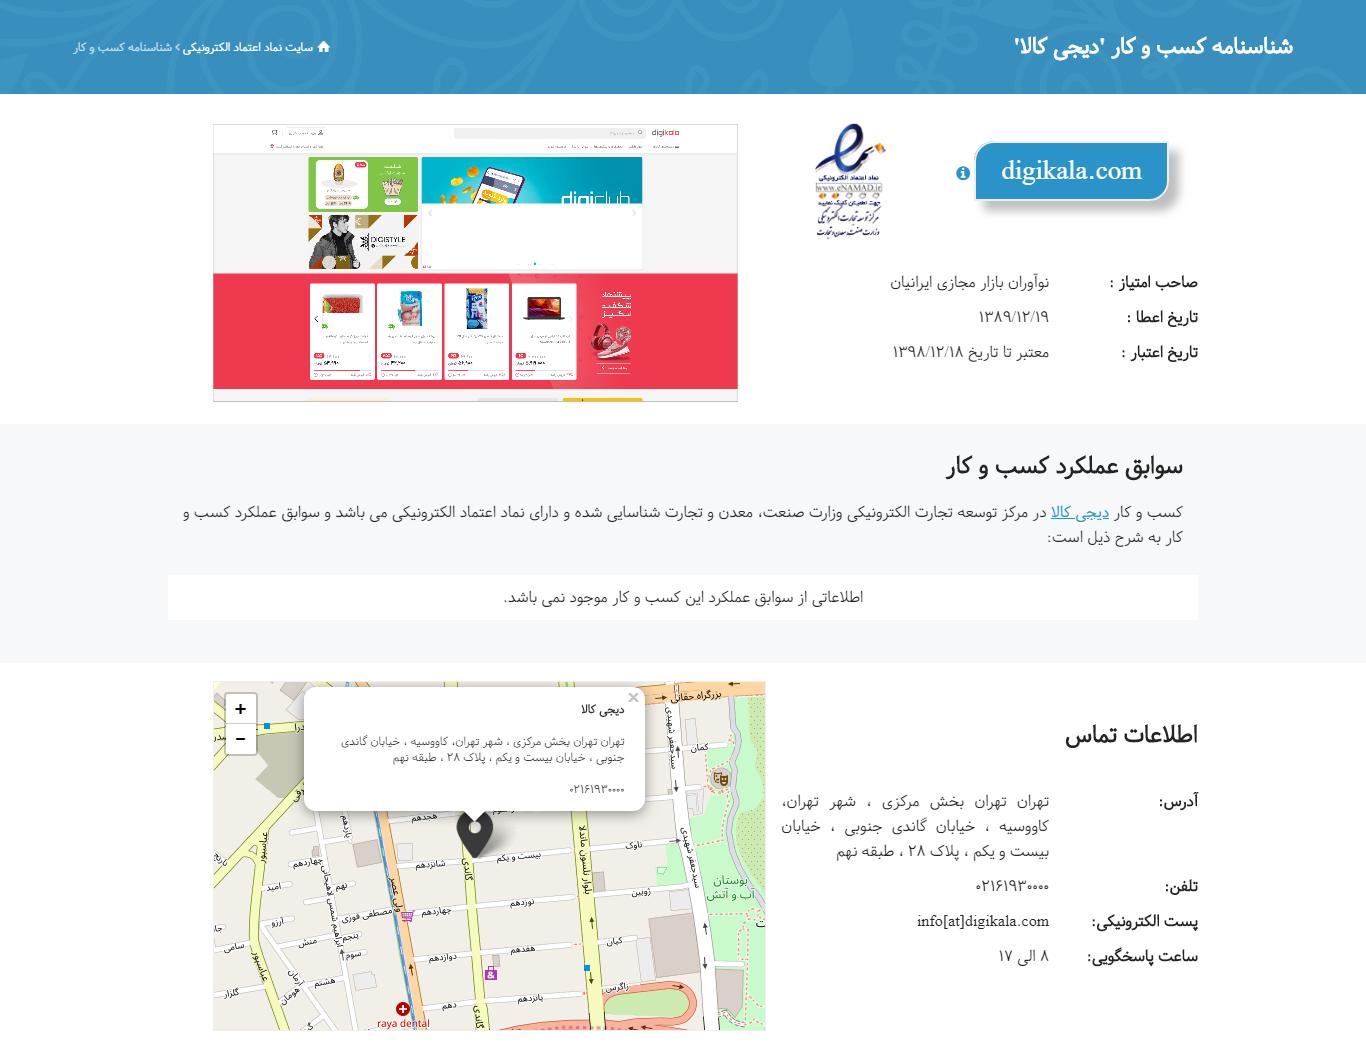 صفحه اطلاعات فروشنده در اینماد